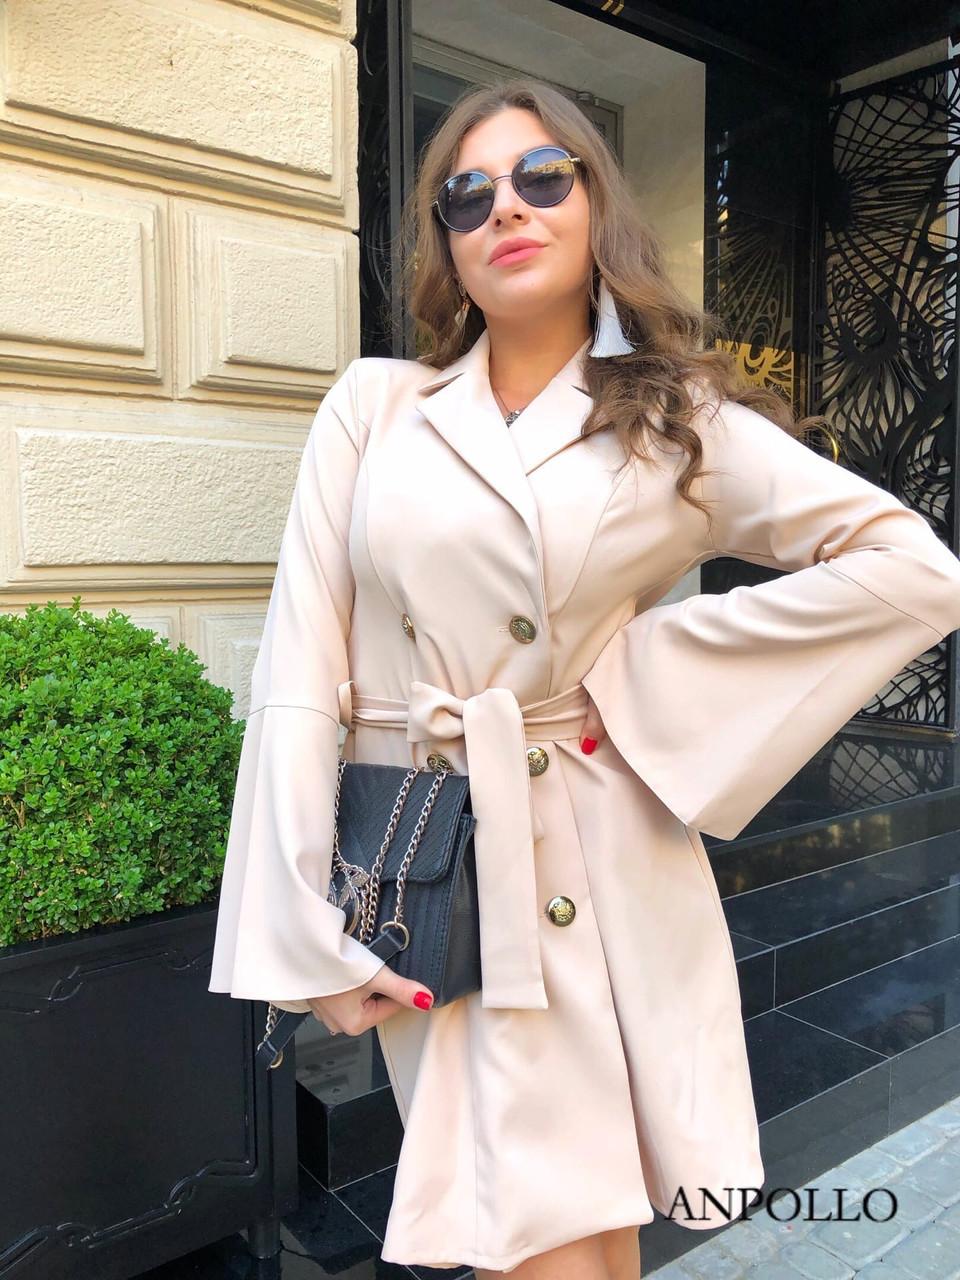 Двубортное платье пиджак с расклешенной юбкой и рукавами в едином размере 42-44 17031571